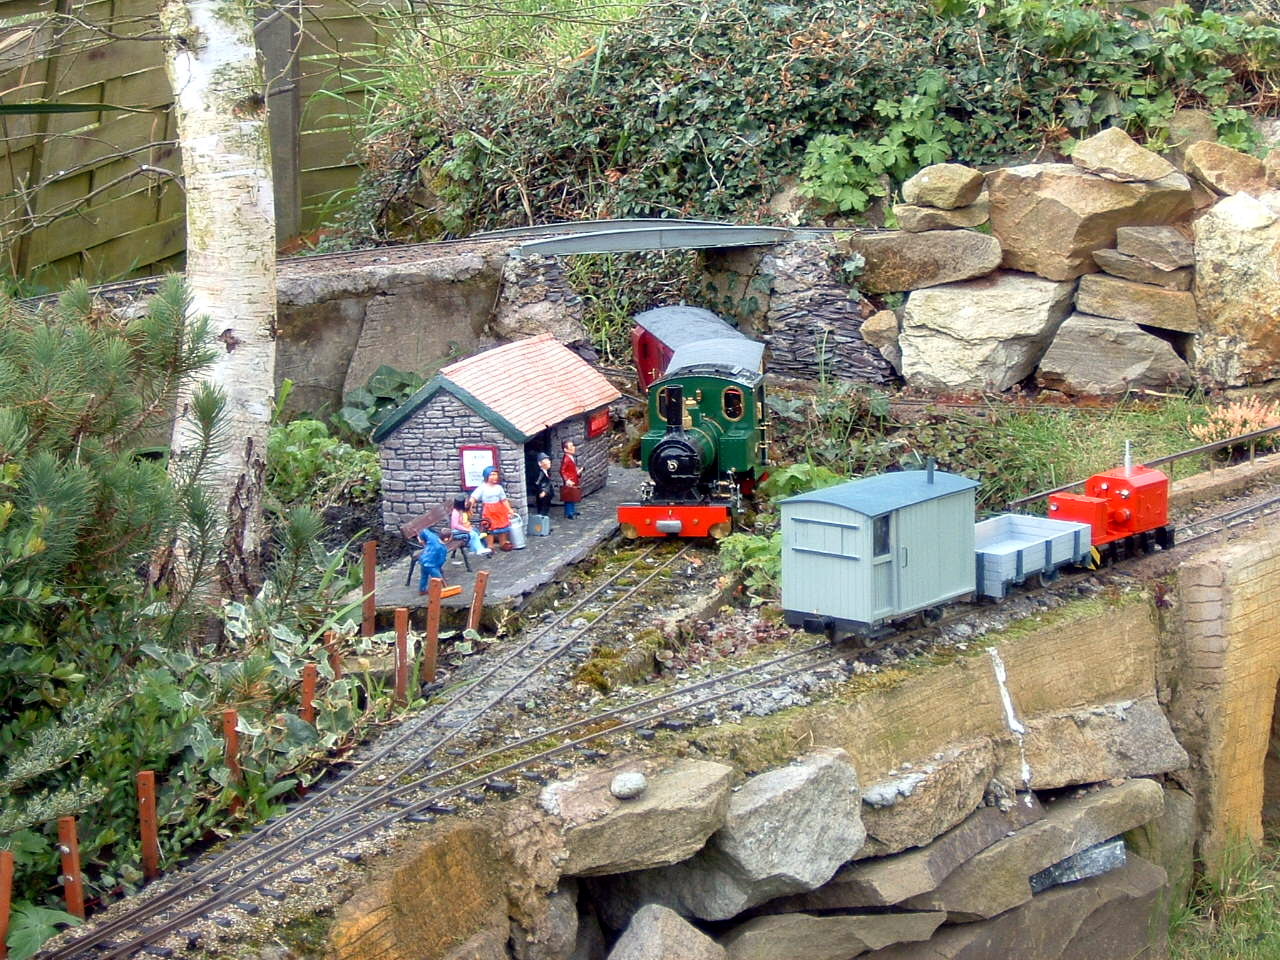 Garden railway convention 2016